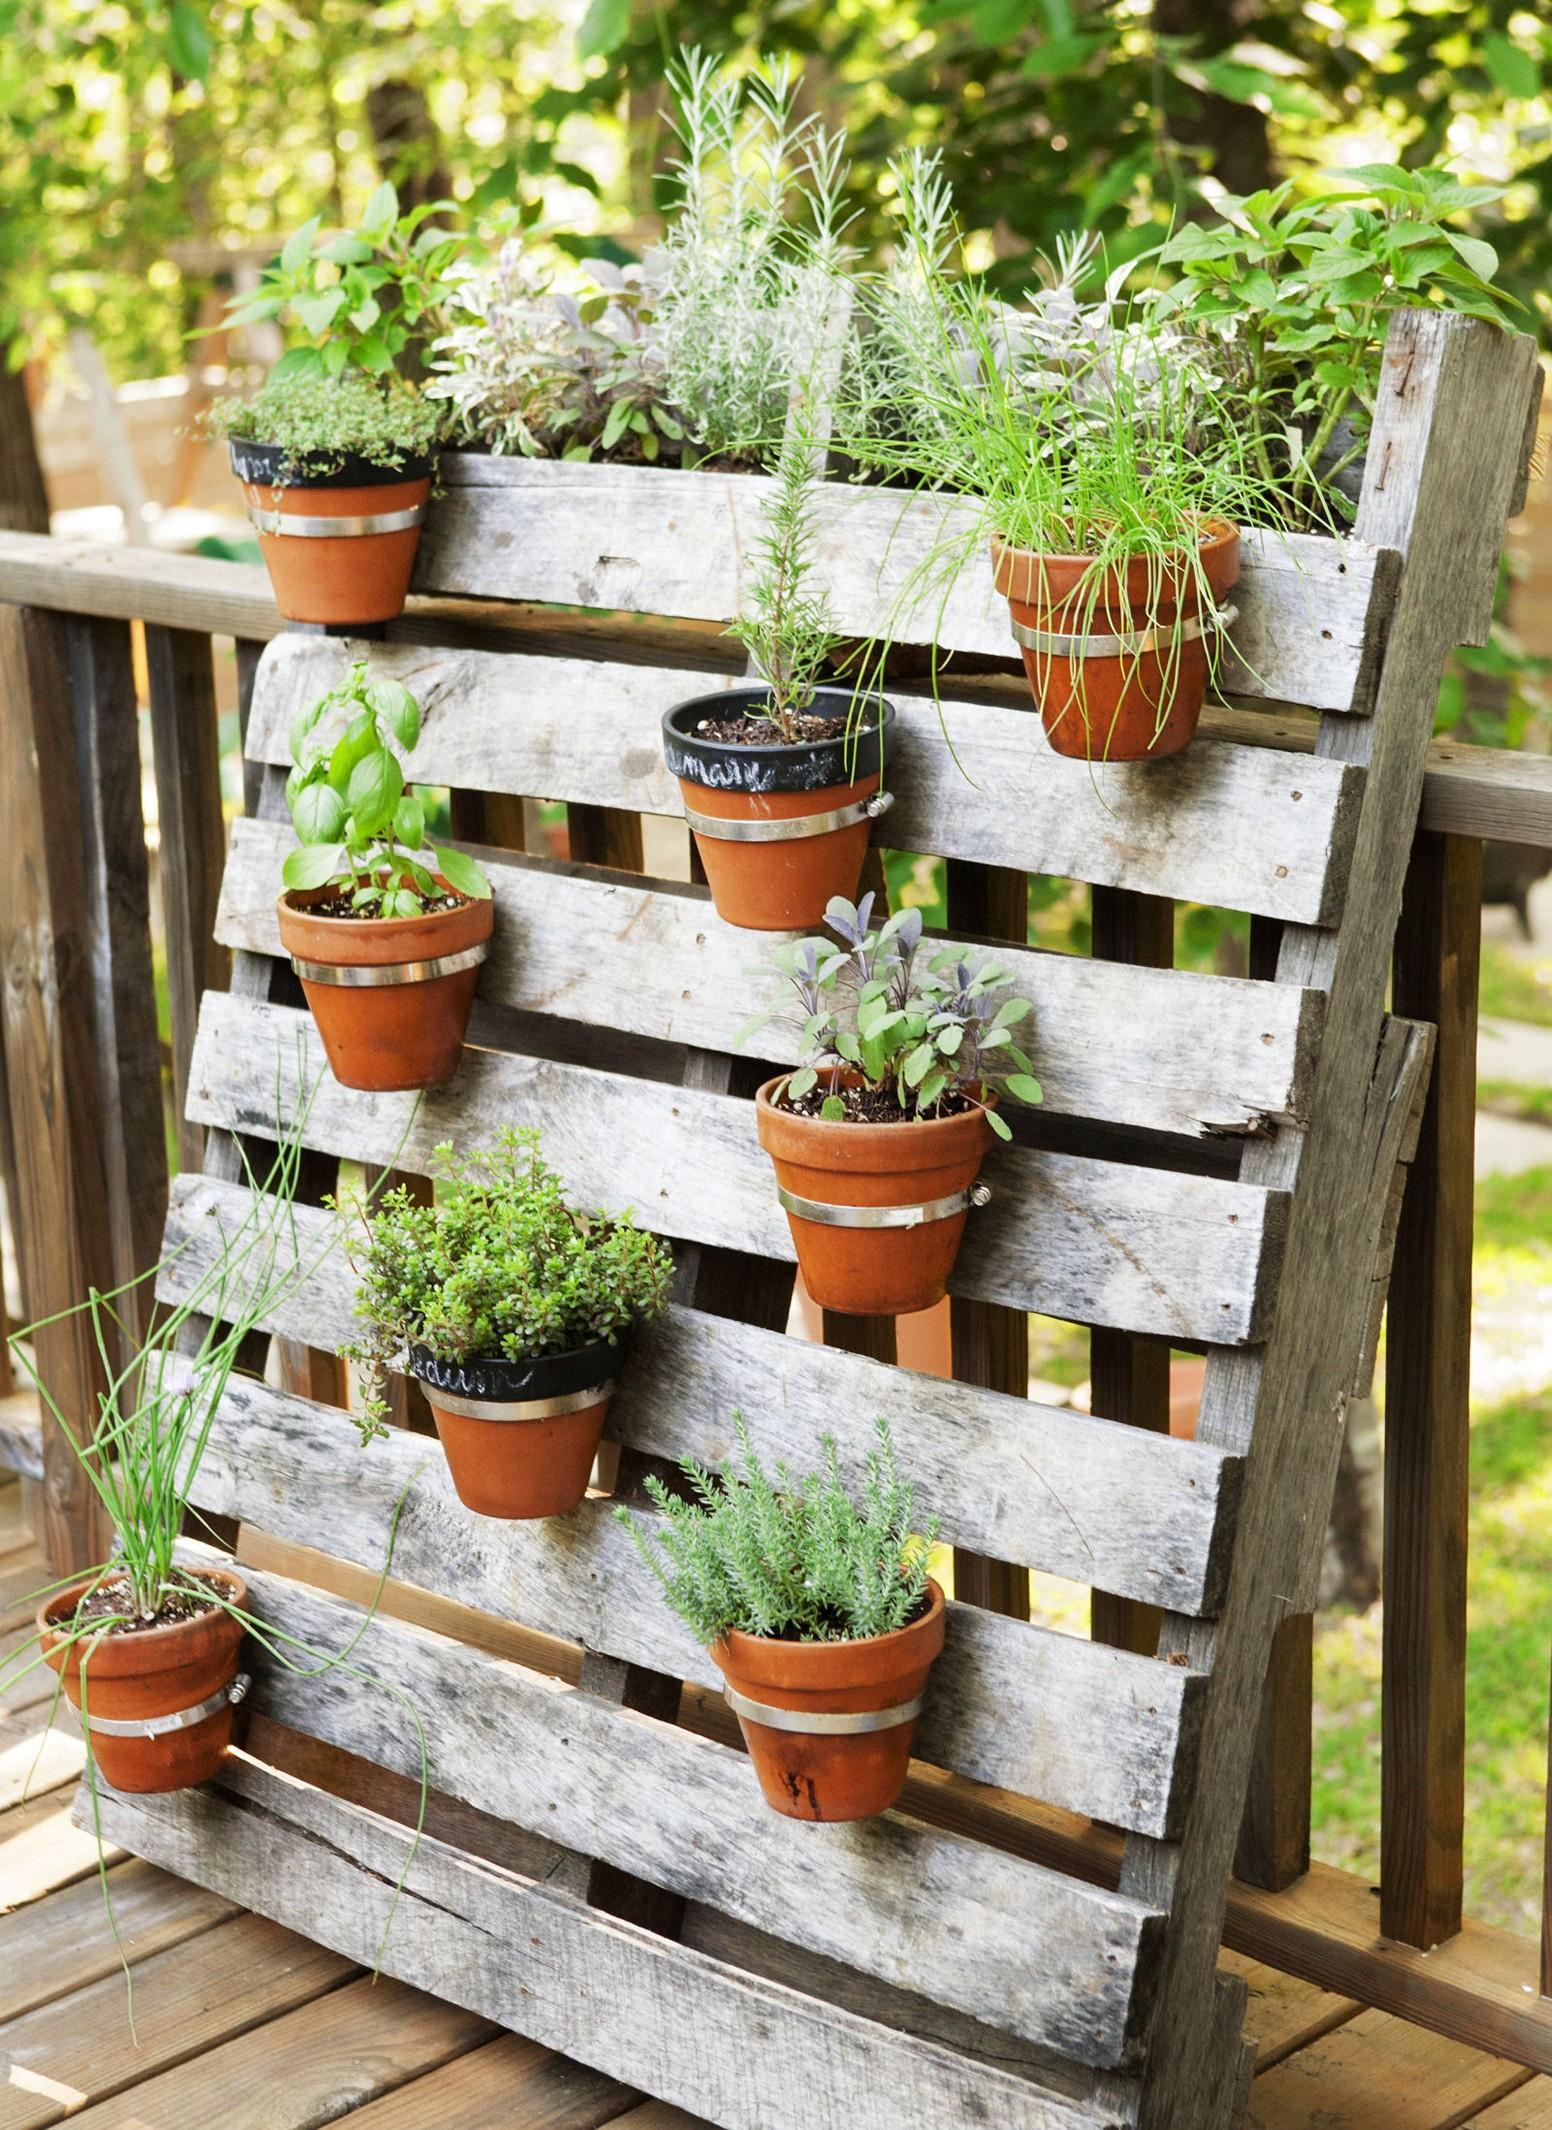 herb garden design ideas photo - 4